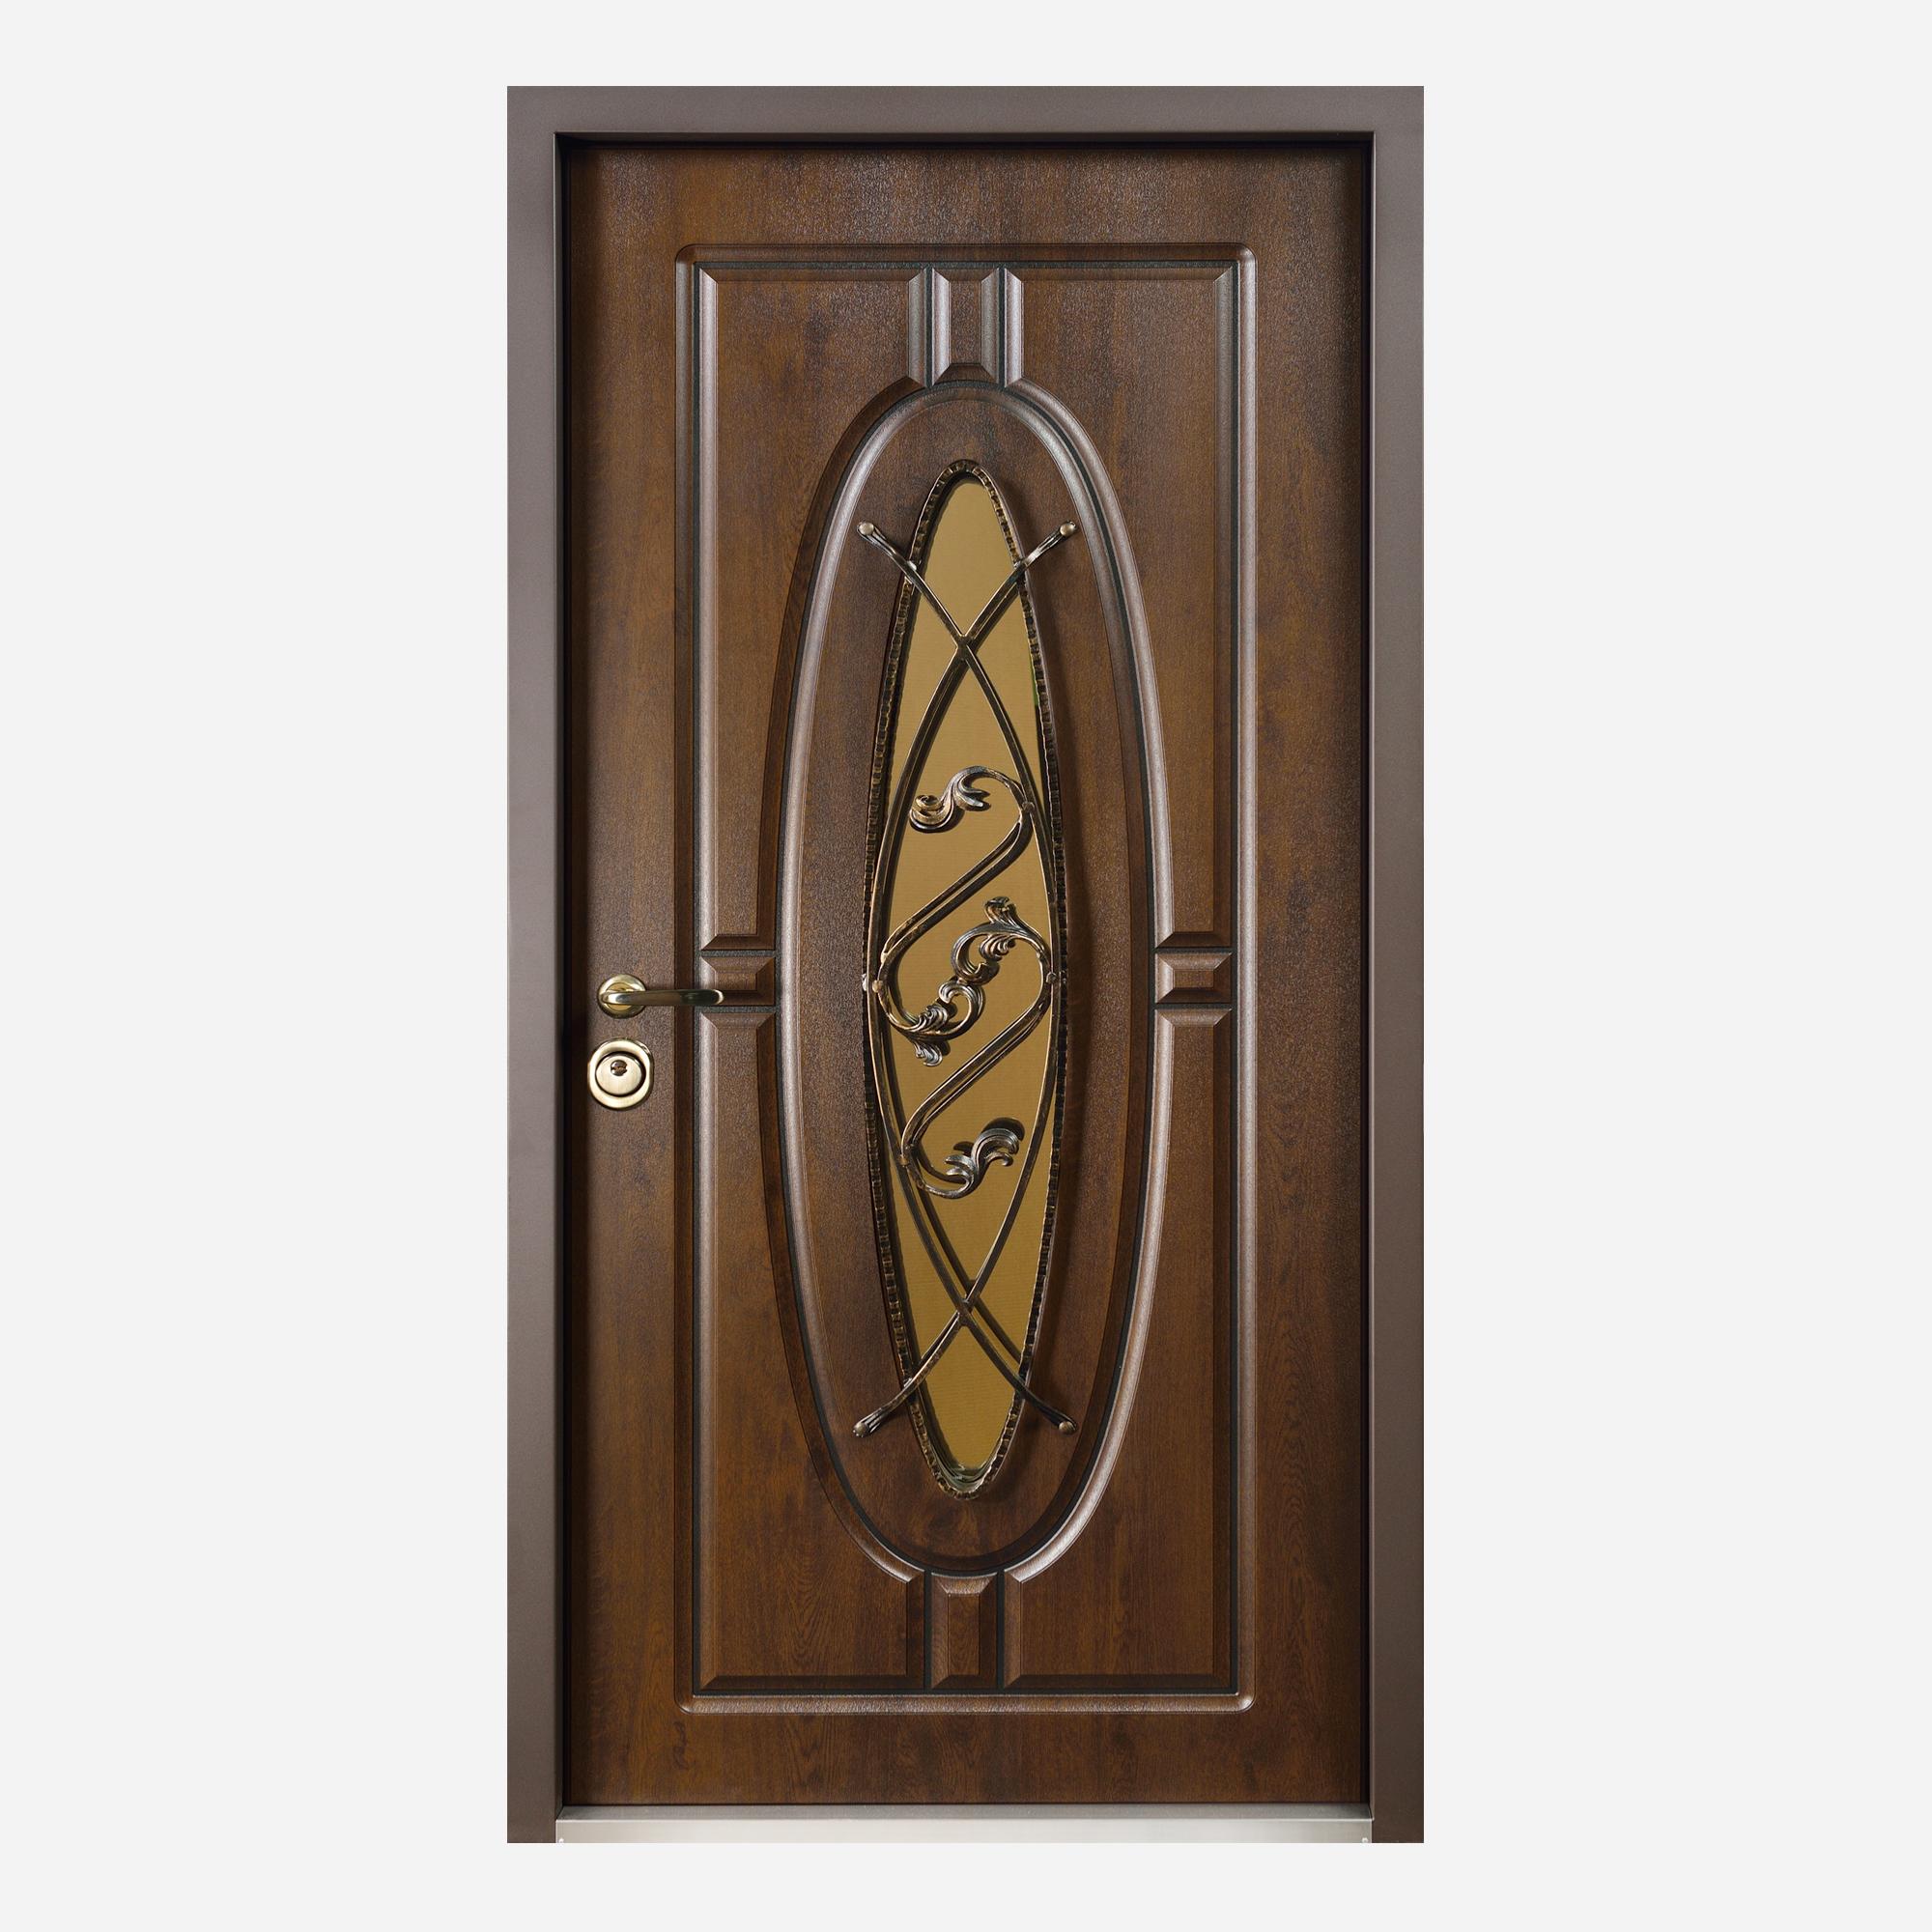 Monarch Entry Door & Monarch Steel Security Entry Door By Novo Porte USA